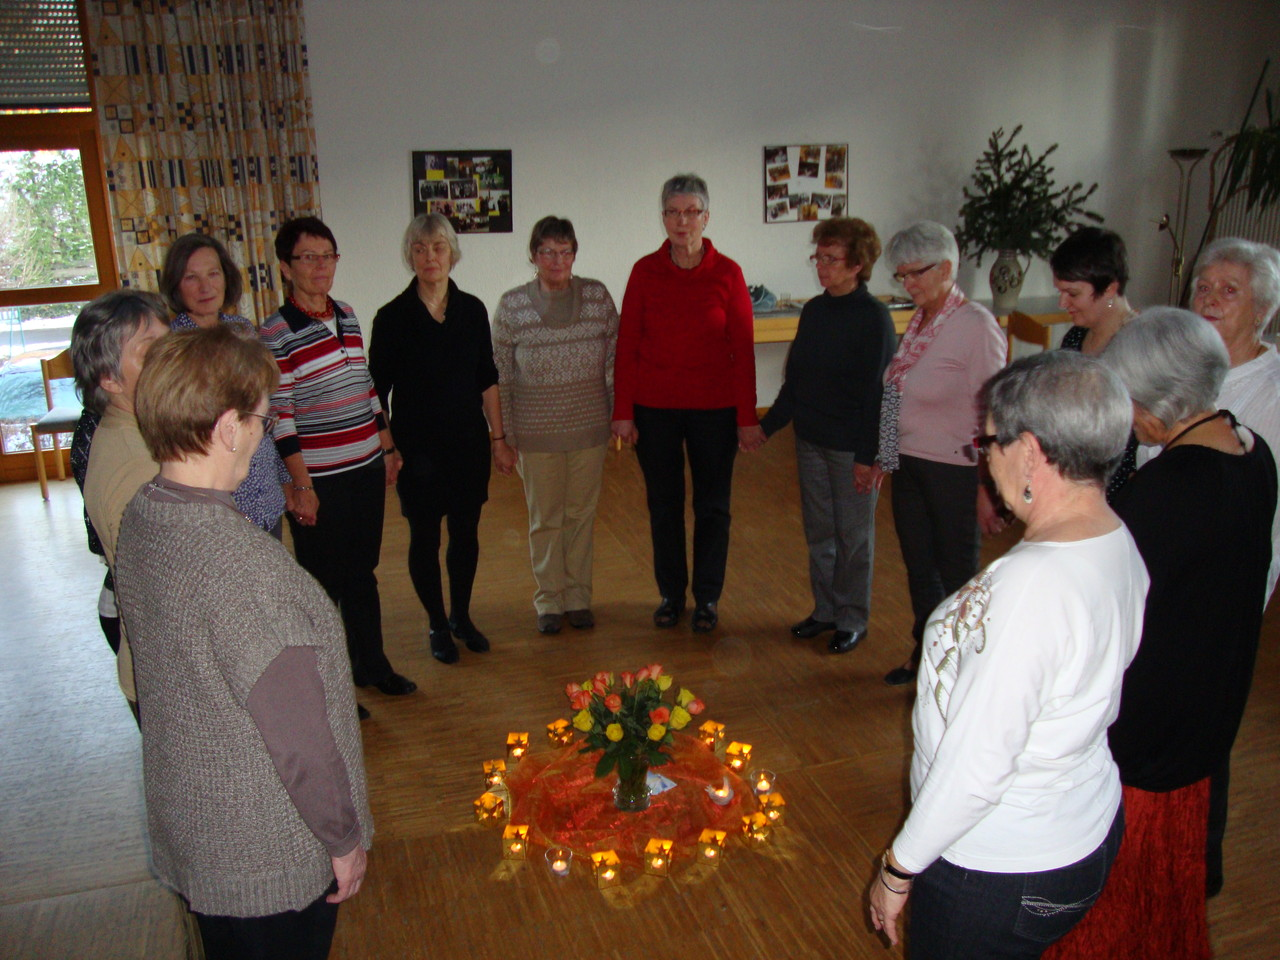 Meditativer Tanz - Evangelische Kirchengemeinde Wadern-Losheim